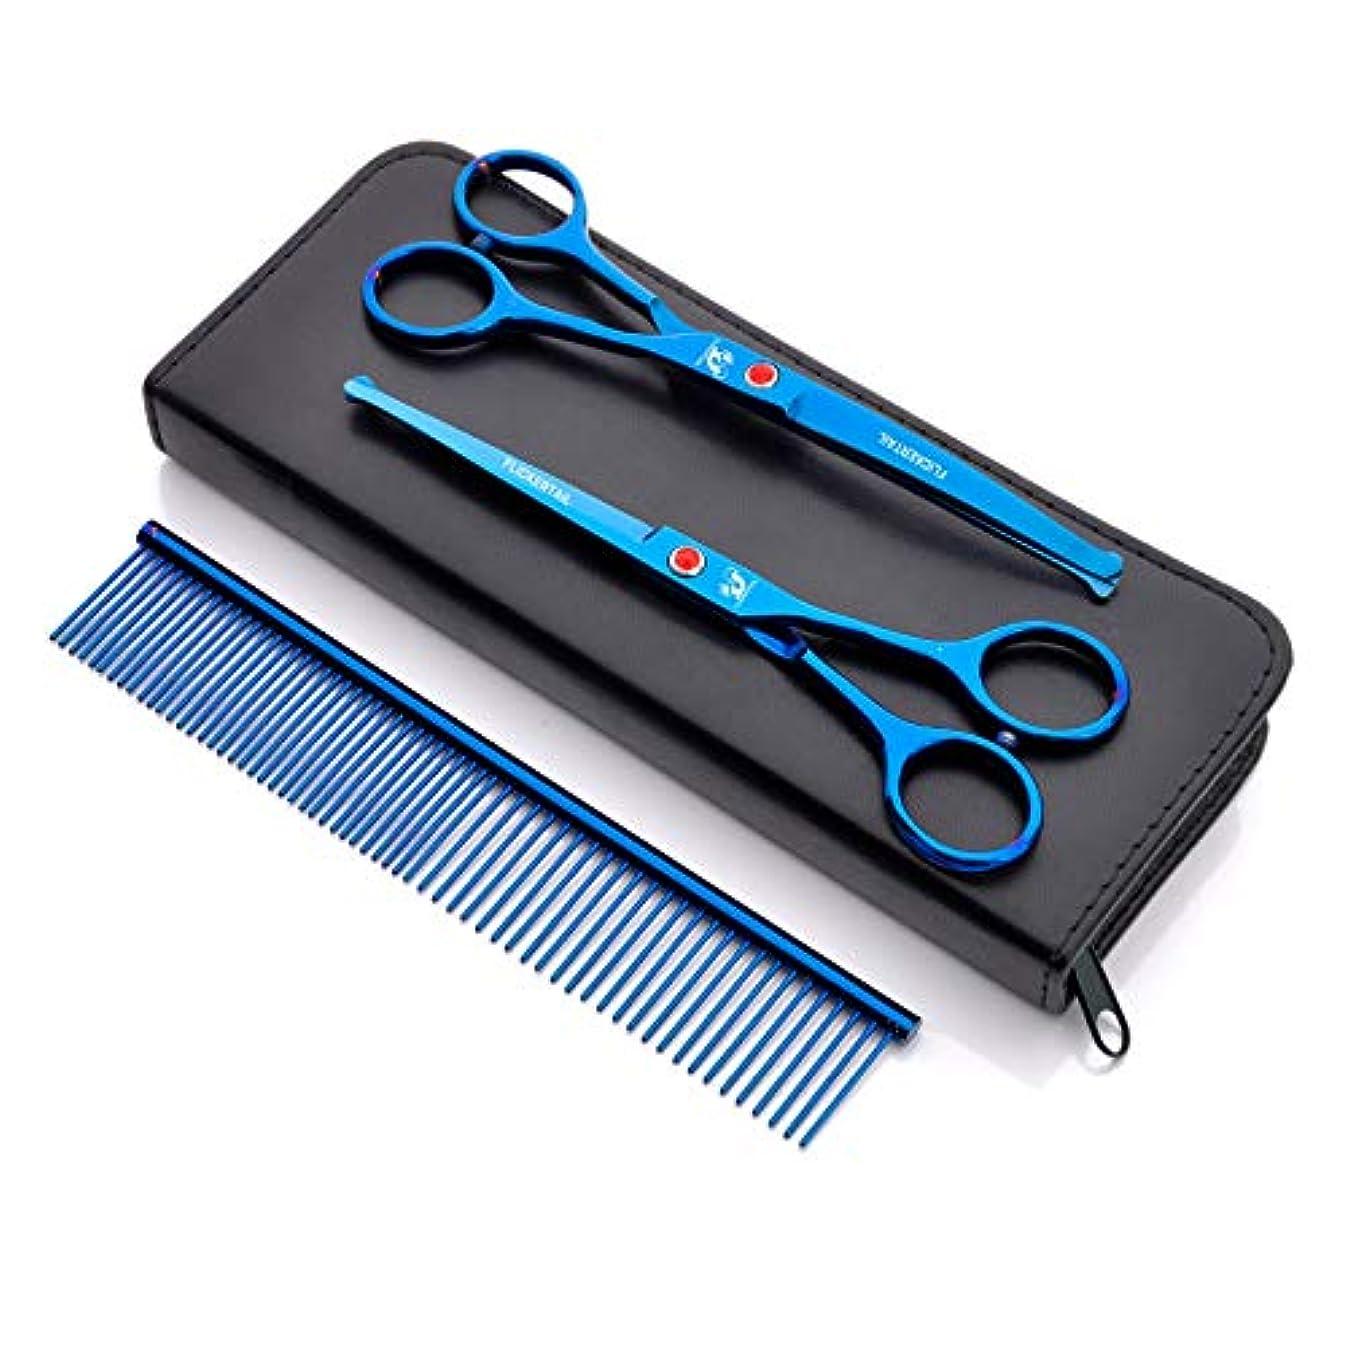 検出する知覚的起こるラウンドヘッドペットの髪カットはさみ、プロのペットグルーミング精密安全はさみセット、ペットショップや個々のユーザーに適して,Blue